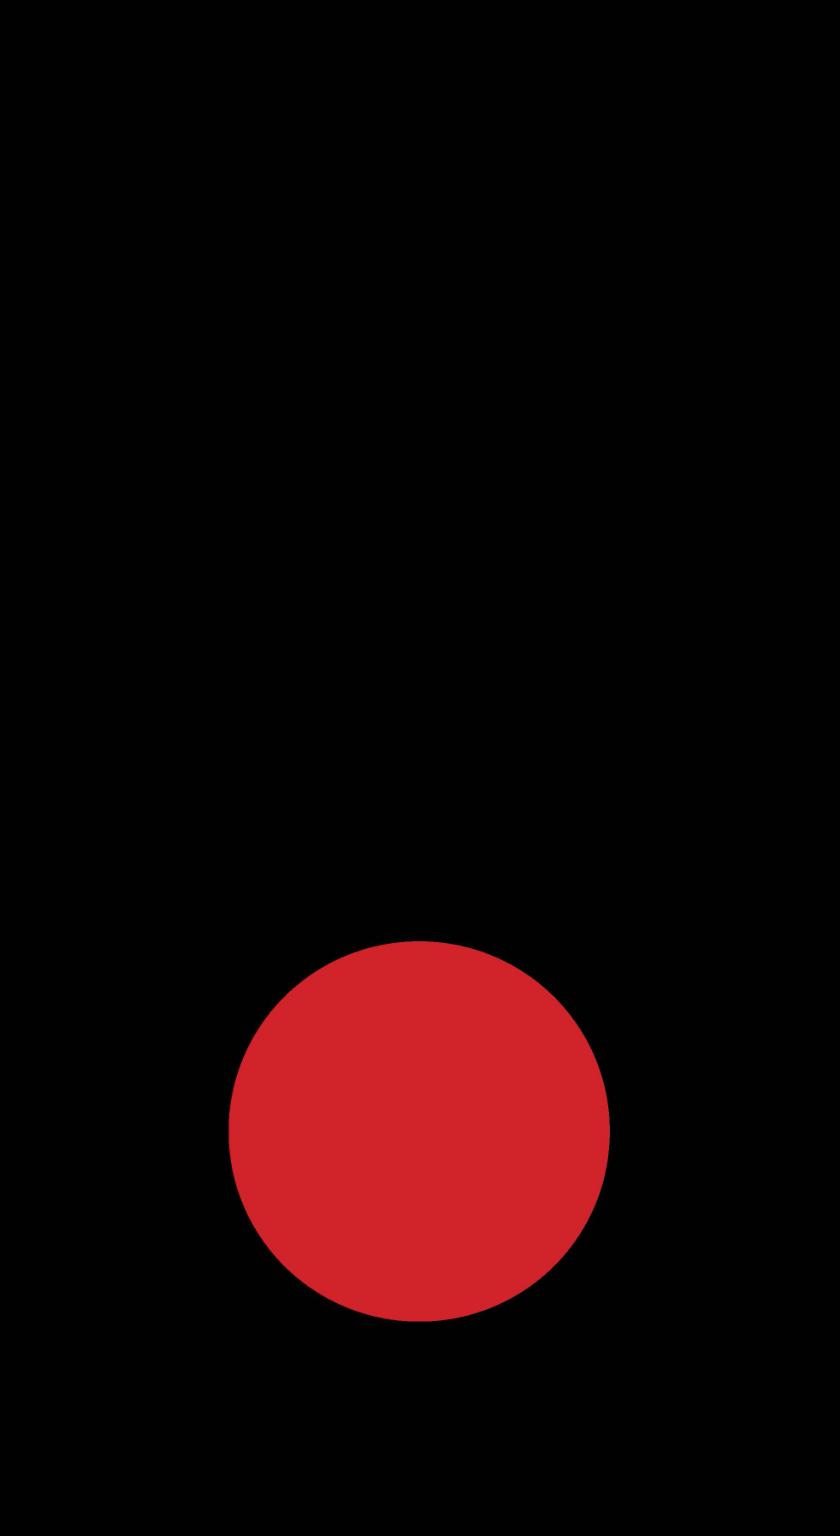 Kubrick ebook homepage display